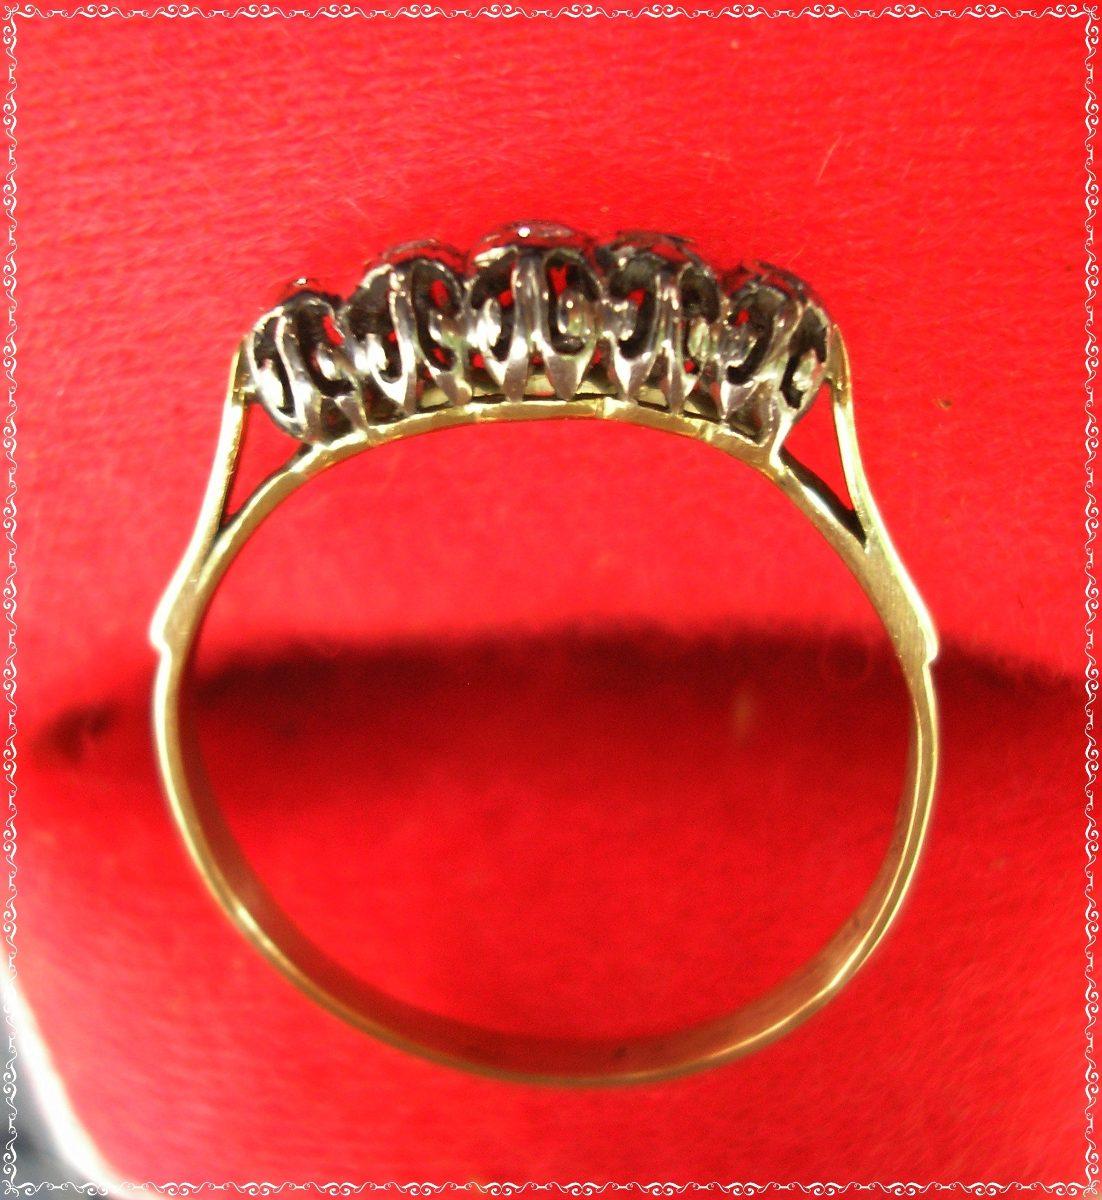 b39a660d788f anillo antiguo cintillo oro 18k 5 brillantes en platino. Cargando zoom.